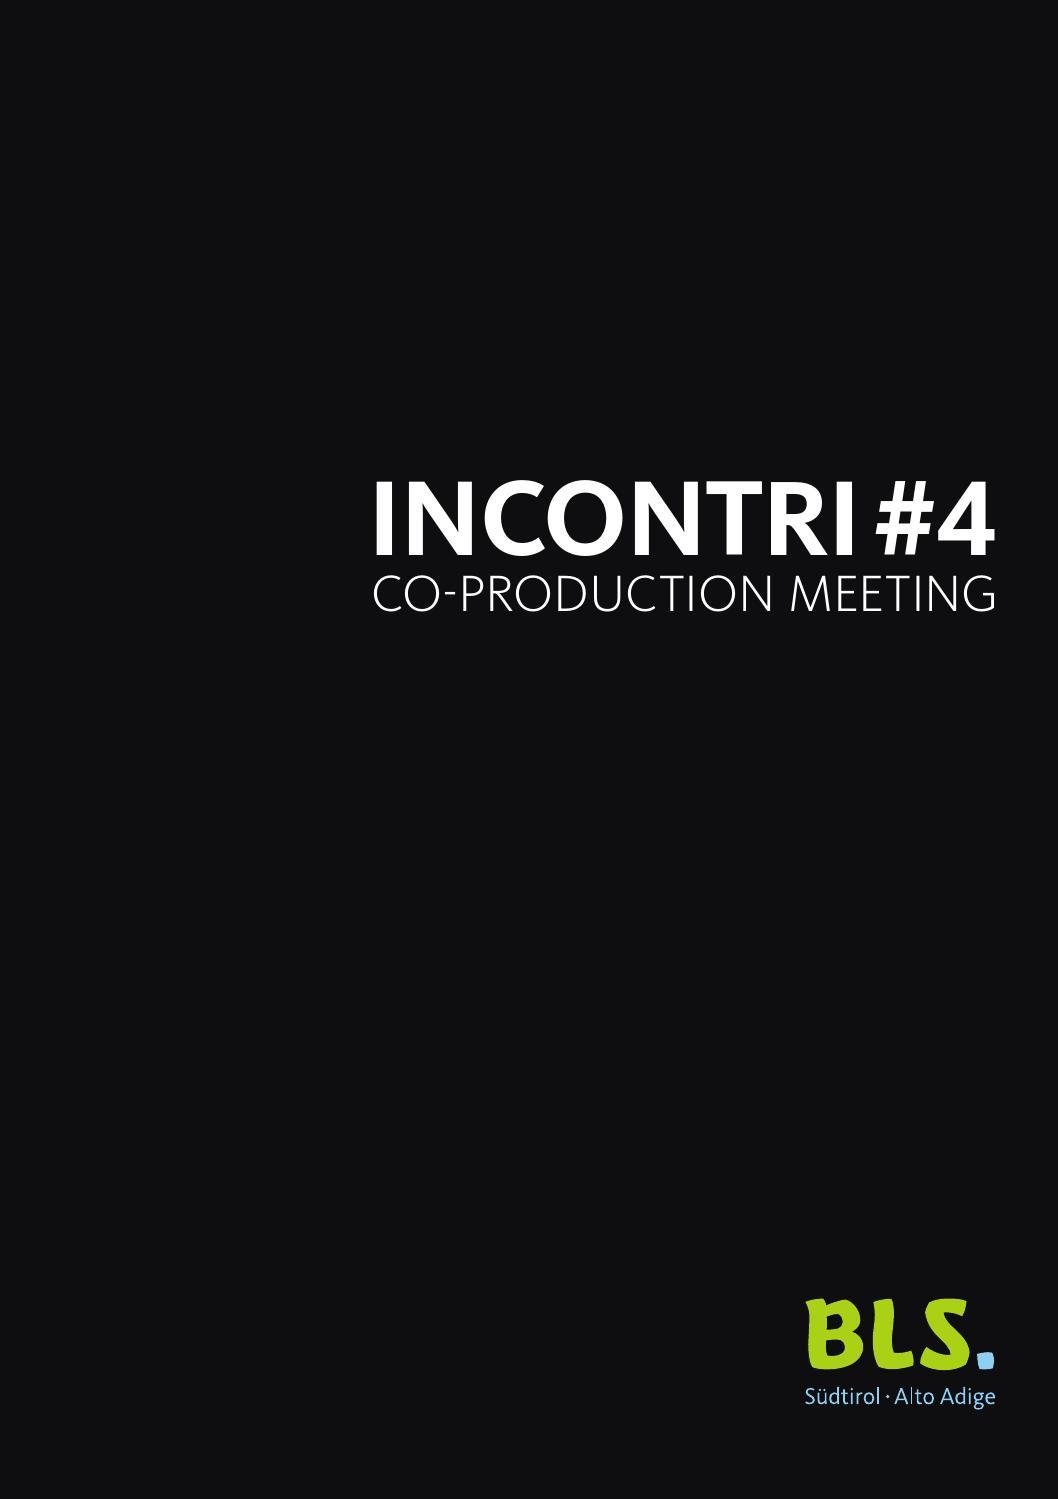 BLS INCONTRI #4 by IDM Film Fund & Commission - issuu